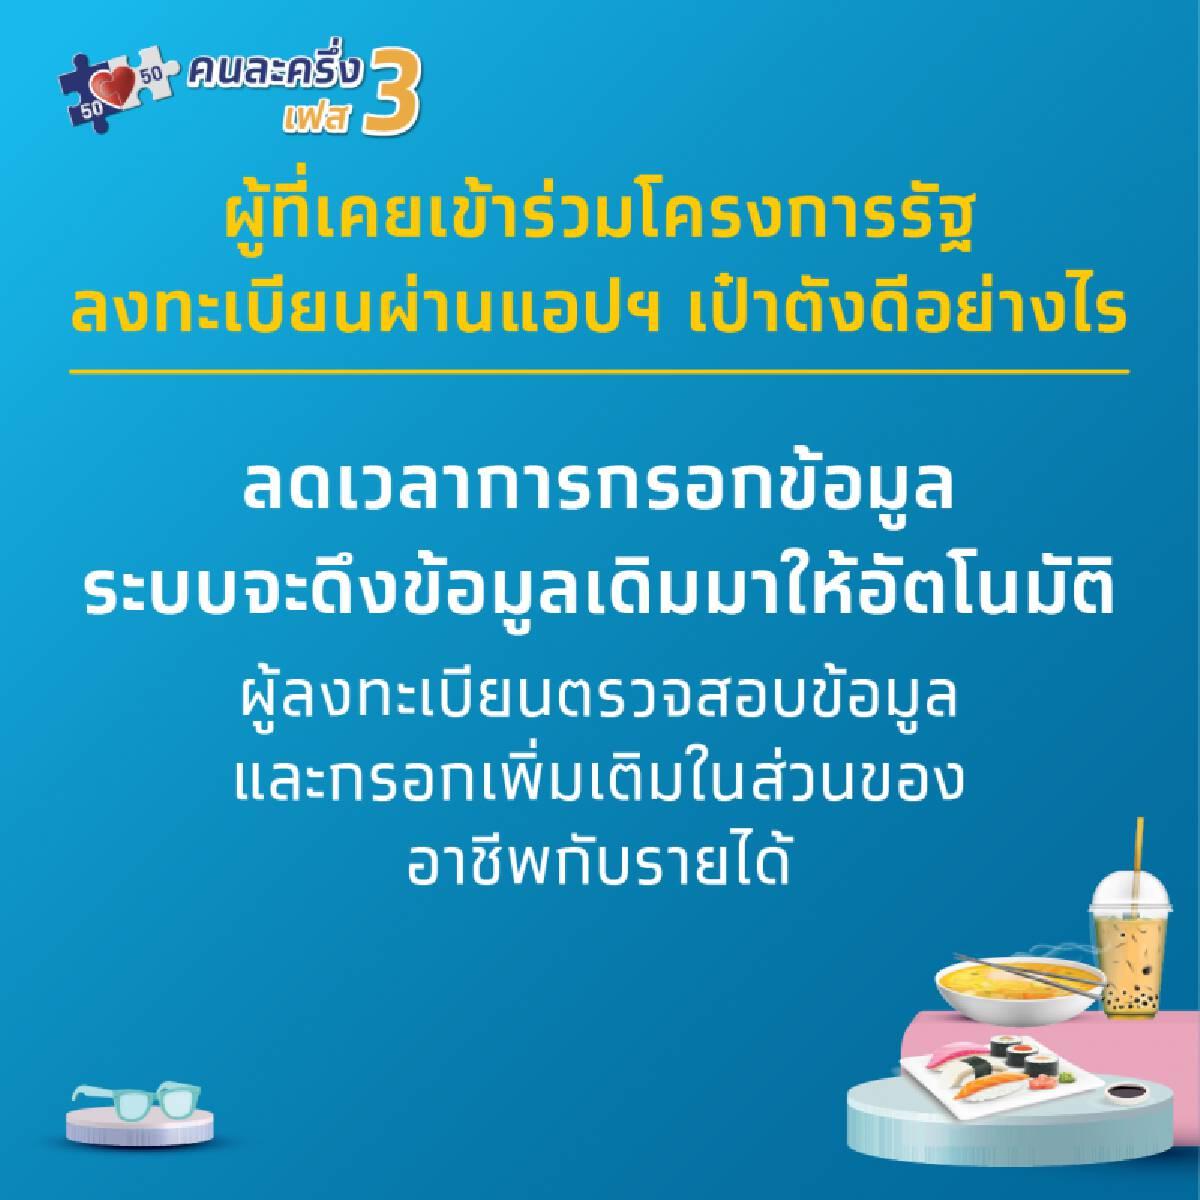 """กรุงไทยแนะทริคลงทะเบียน ชิงสิทธิ""""คนละครึ่งเฟส3"""""""